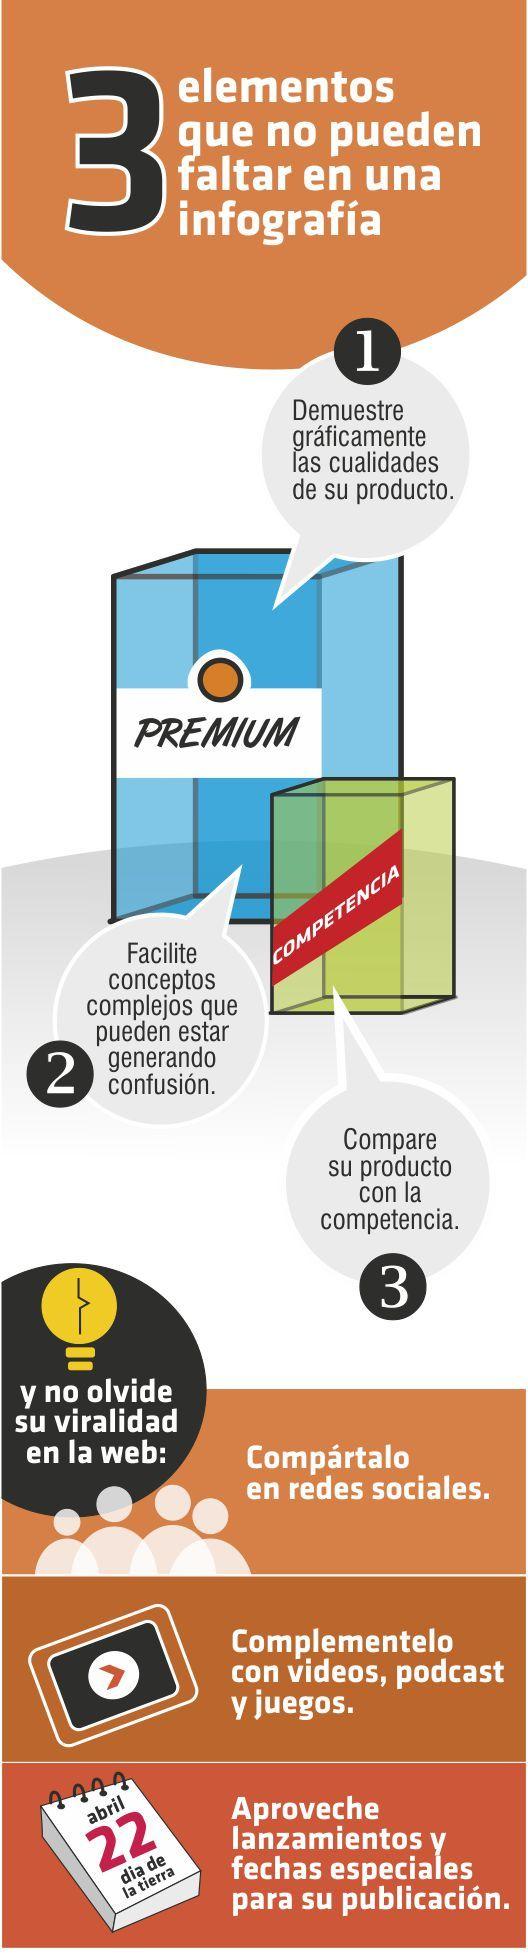 ¿Cómo usar una infografía a su favor?